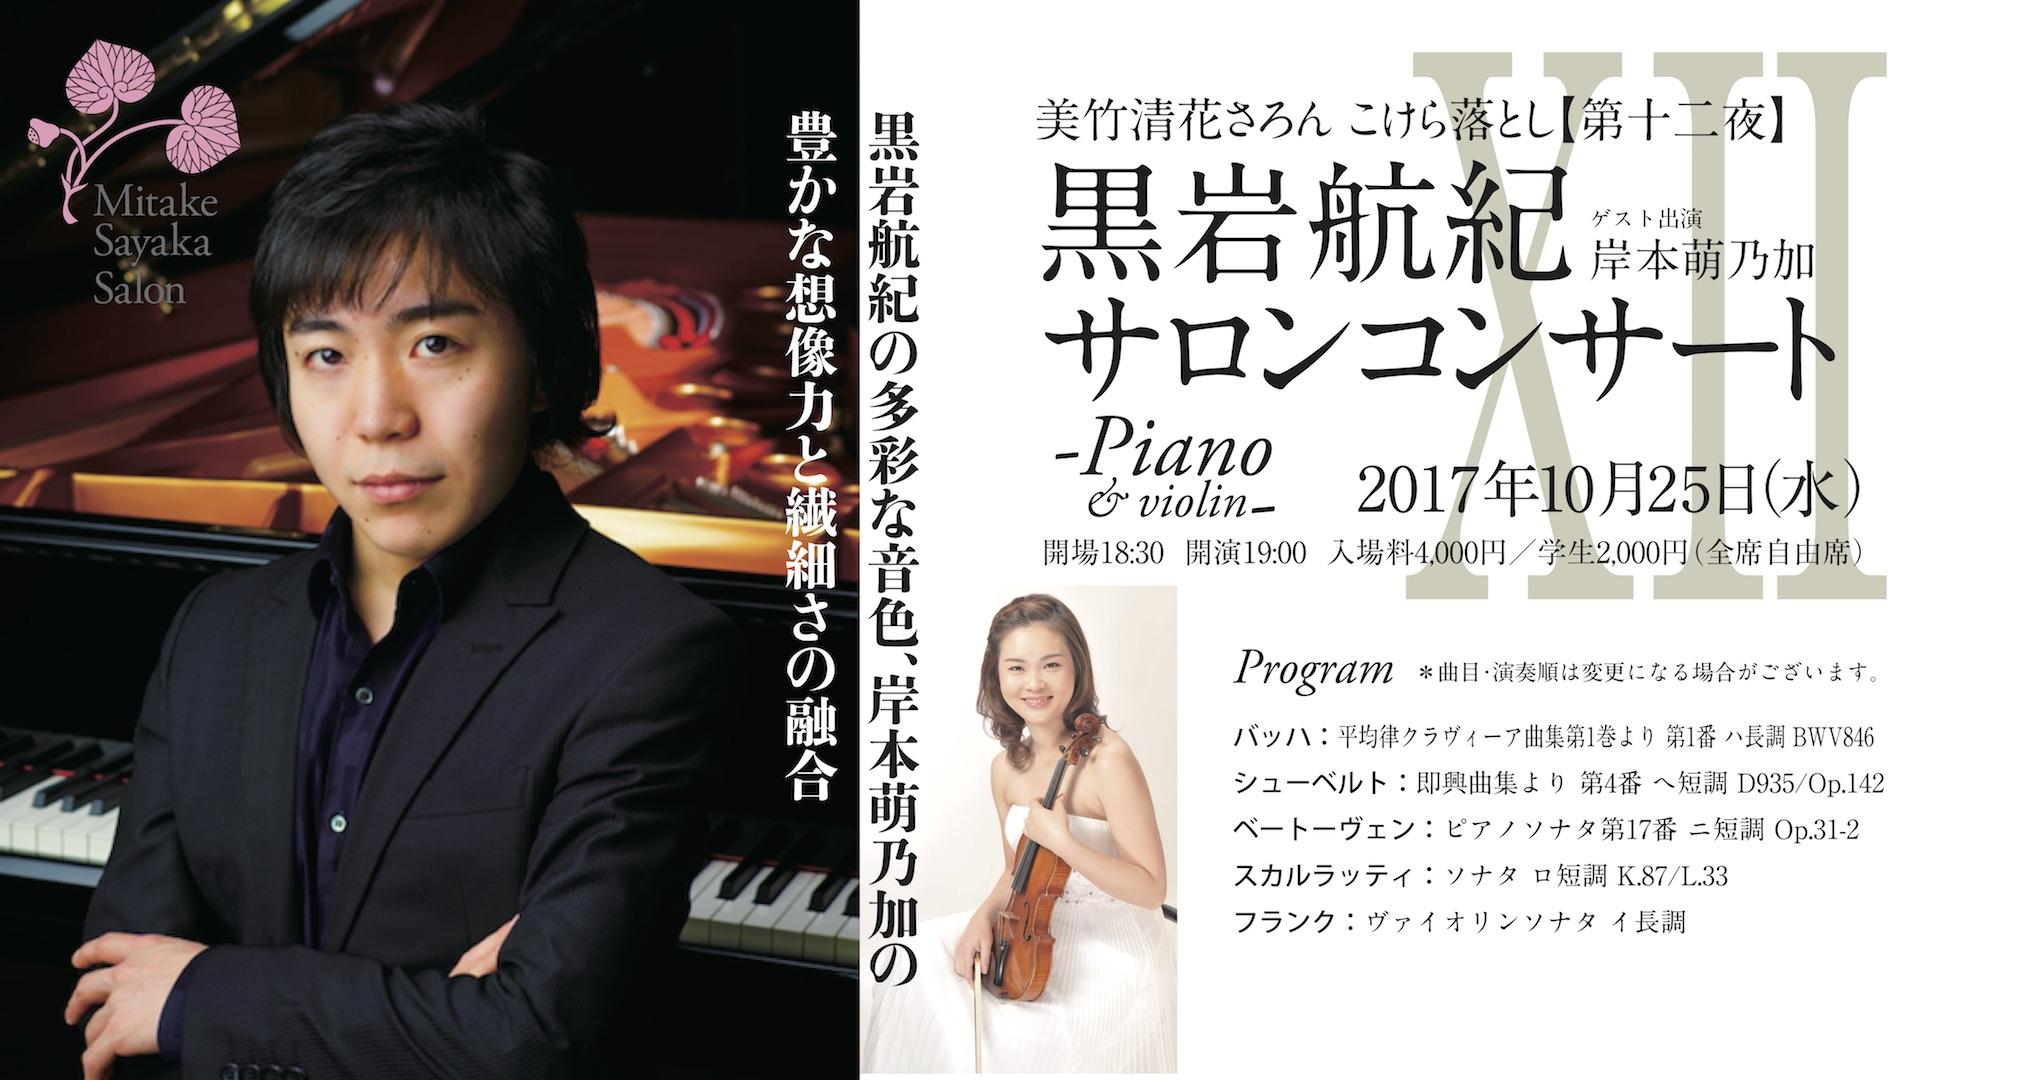 【第十二夜】 黒岩航紀サロンコンサート-Piano&Violin-